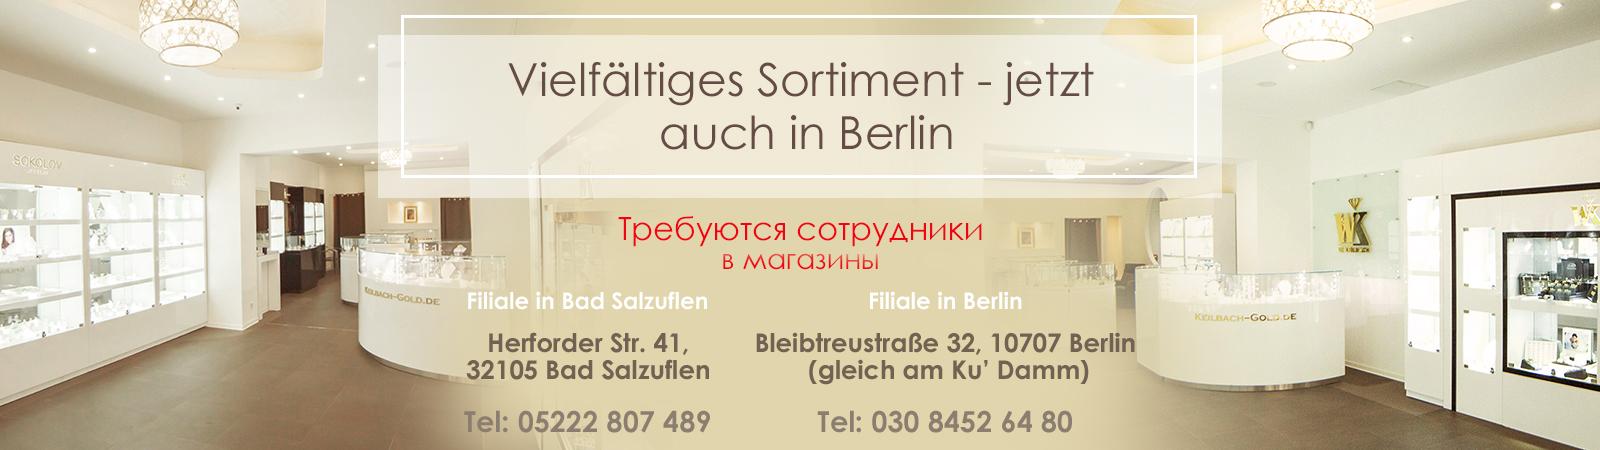 Berlin Mitarbeiter gesucht